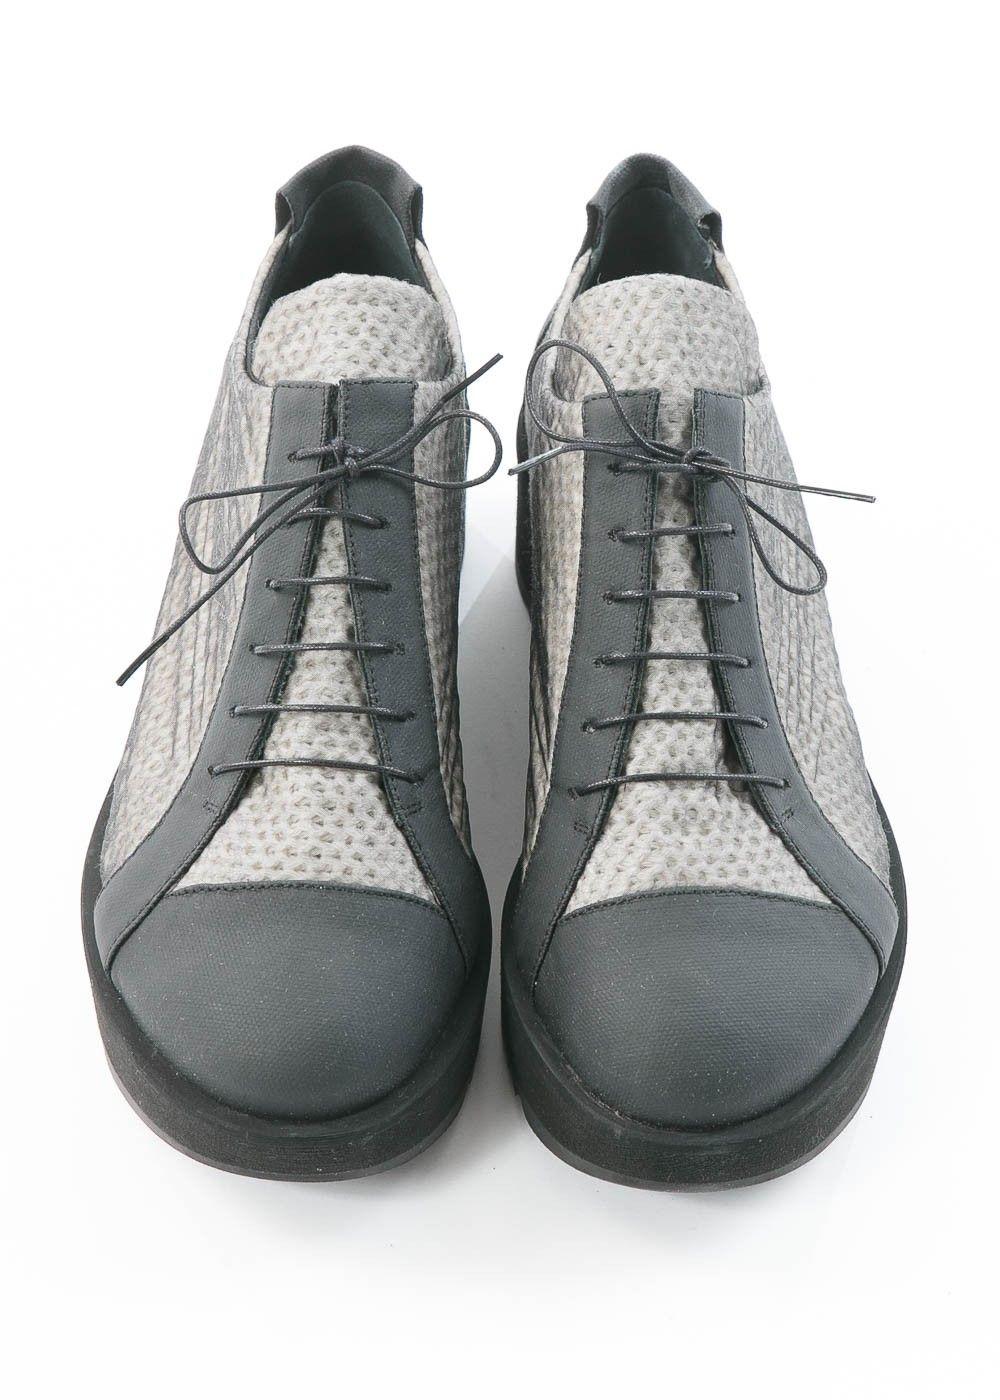 Schuhe Tim von annette görtz bei nobananas mode #nobananas #annettegoertz #black…